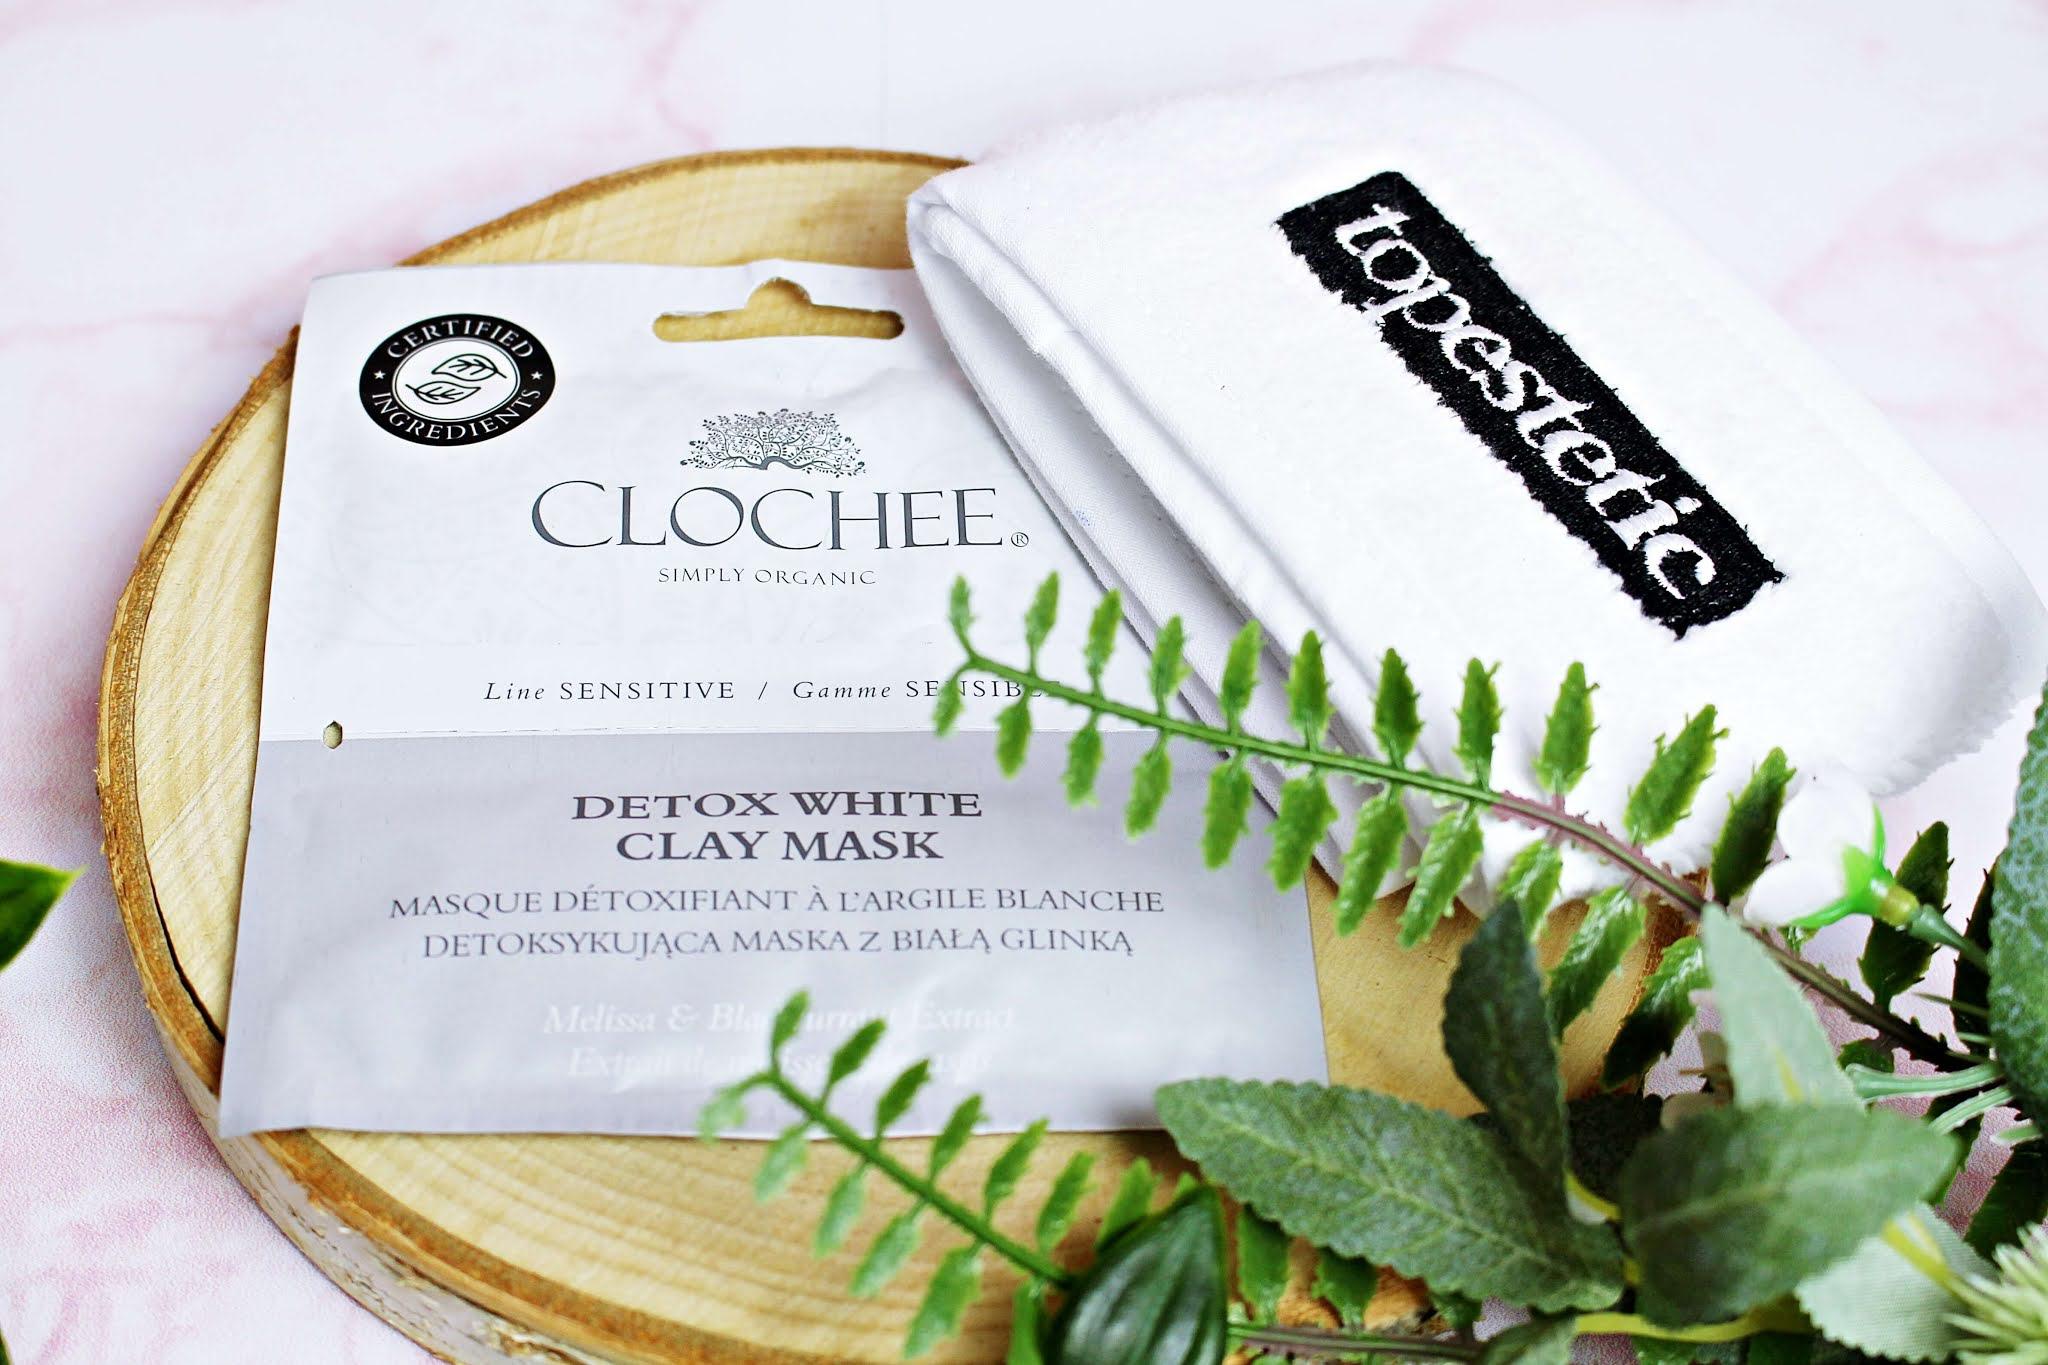 Maska z białą glinką Clochee, Detox White Clay Mask Detoksykująca